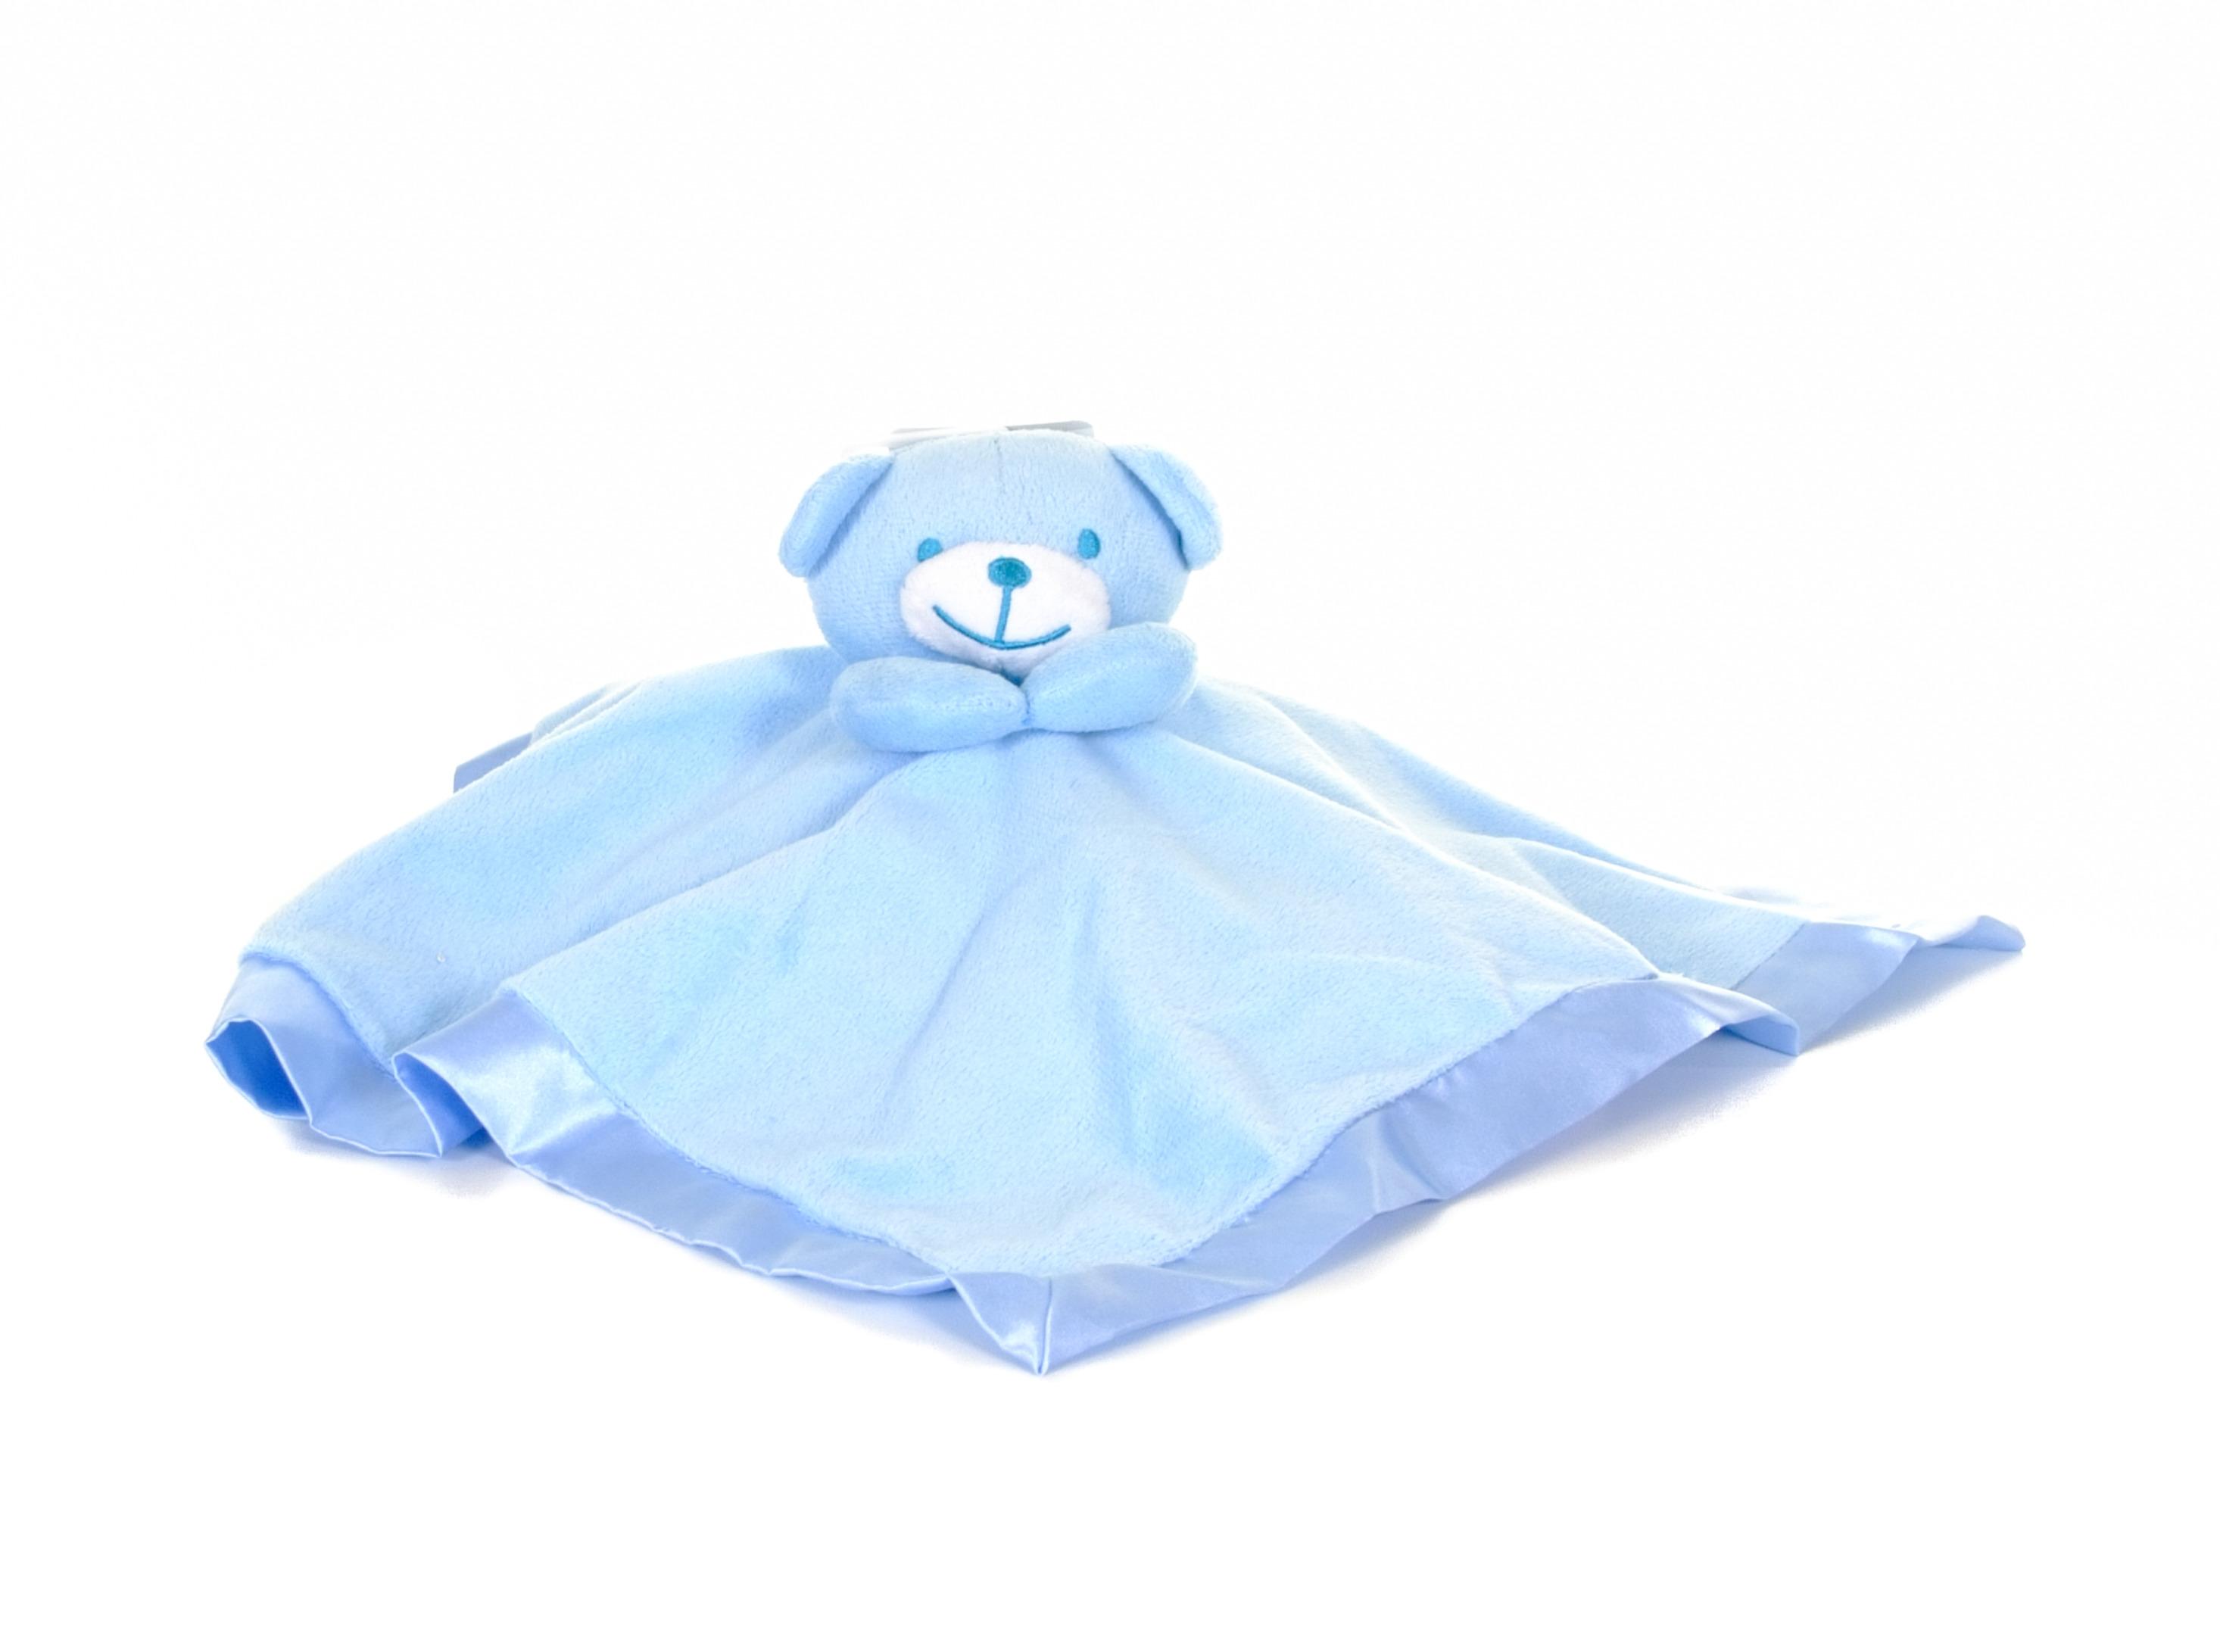 Blue baby comforter